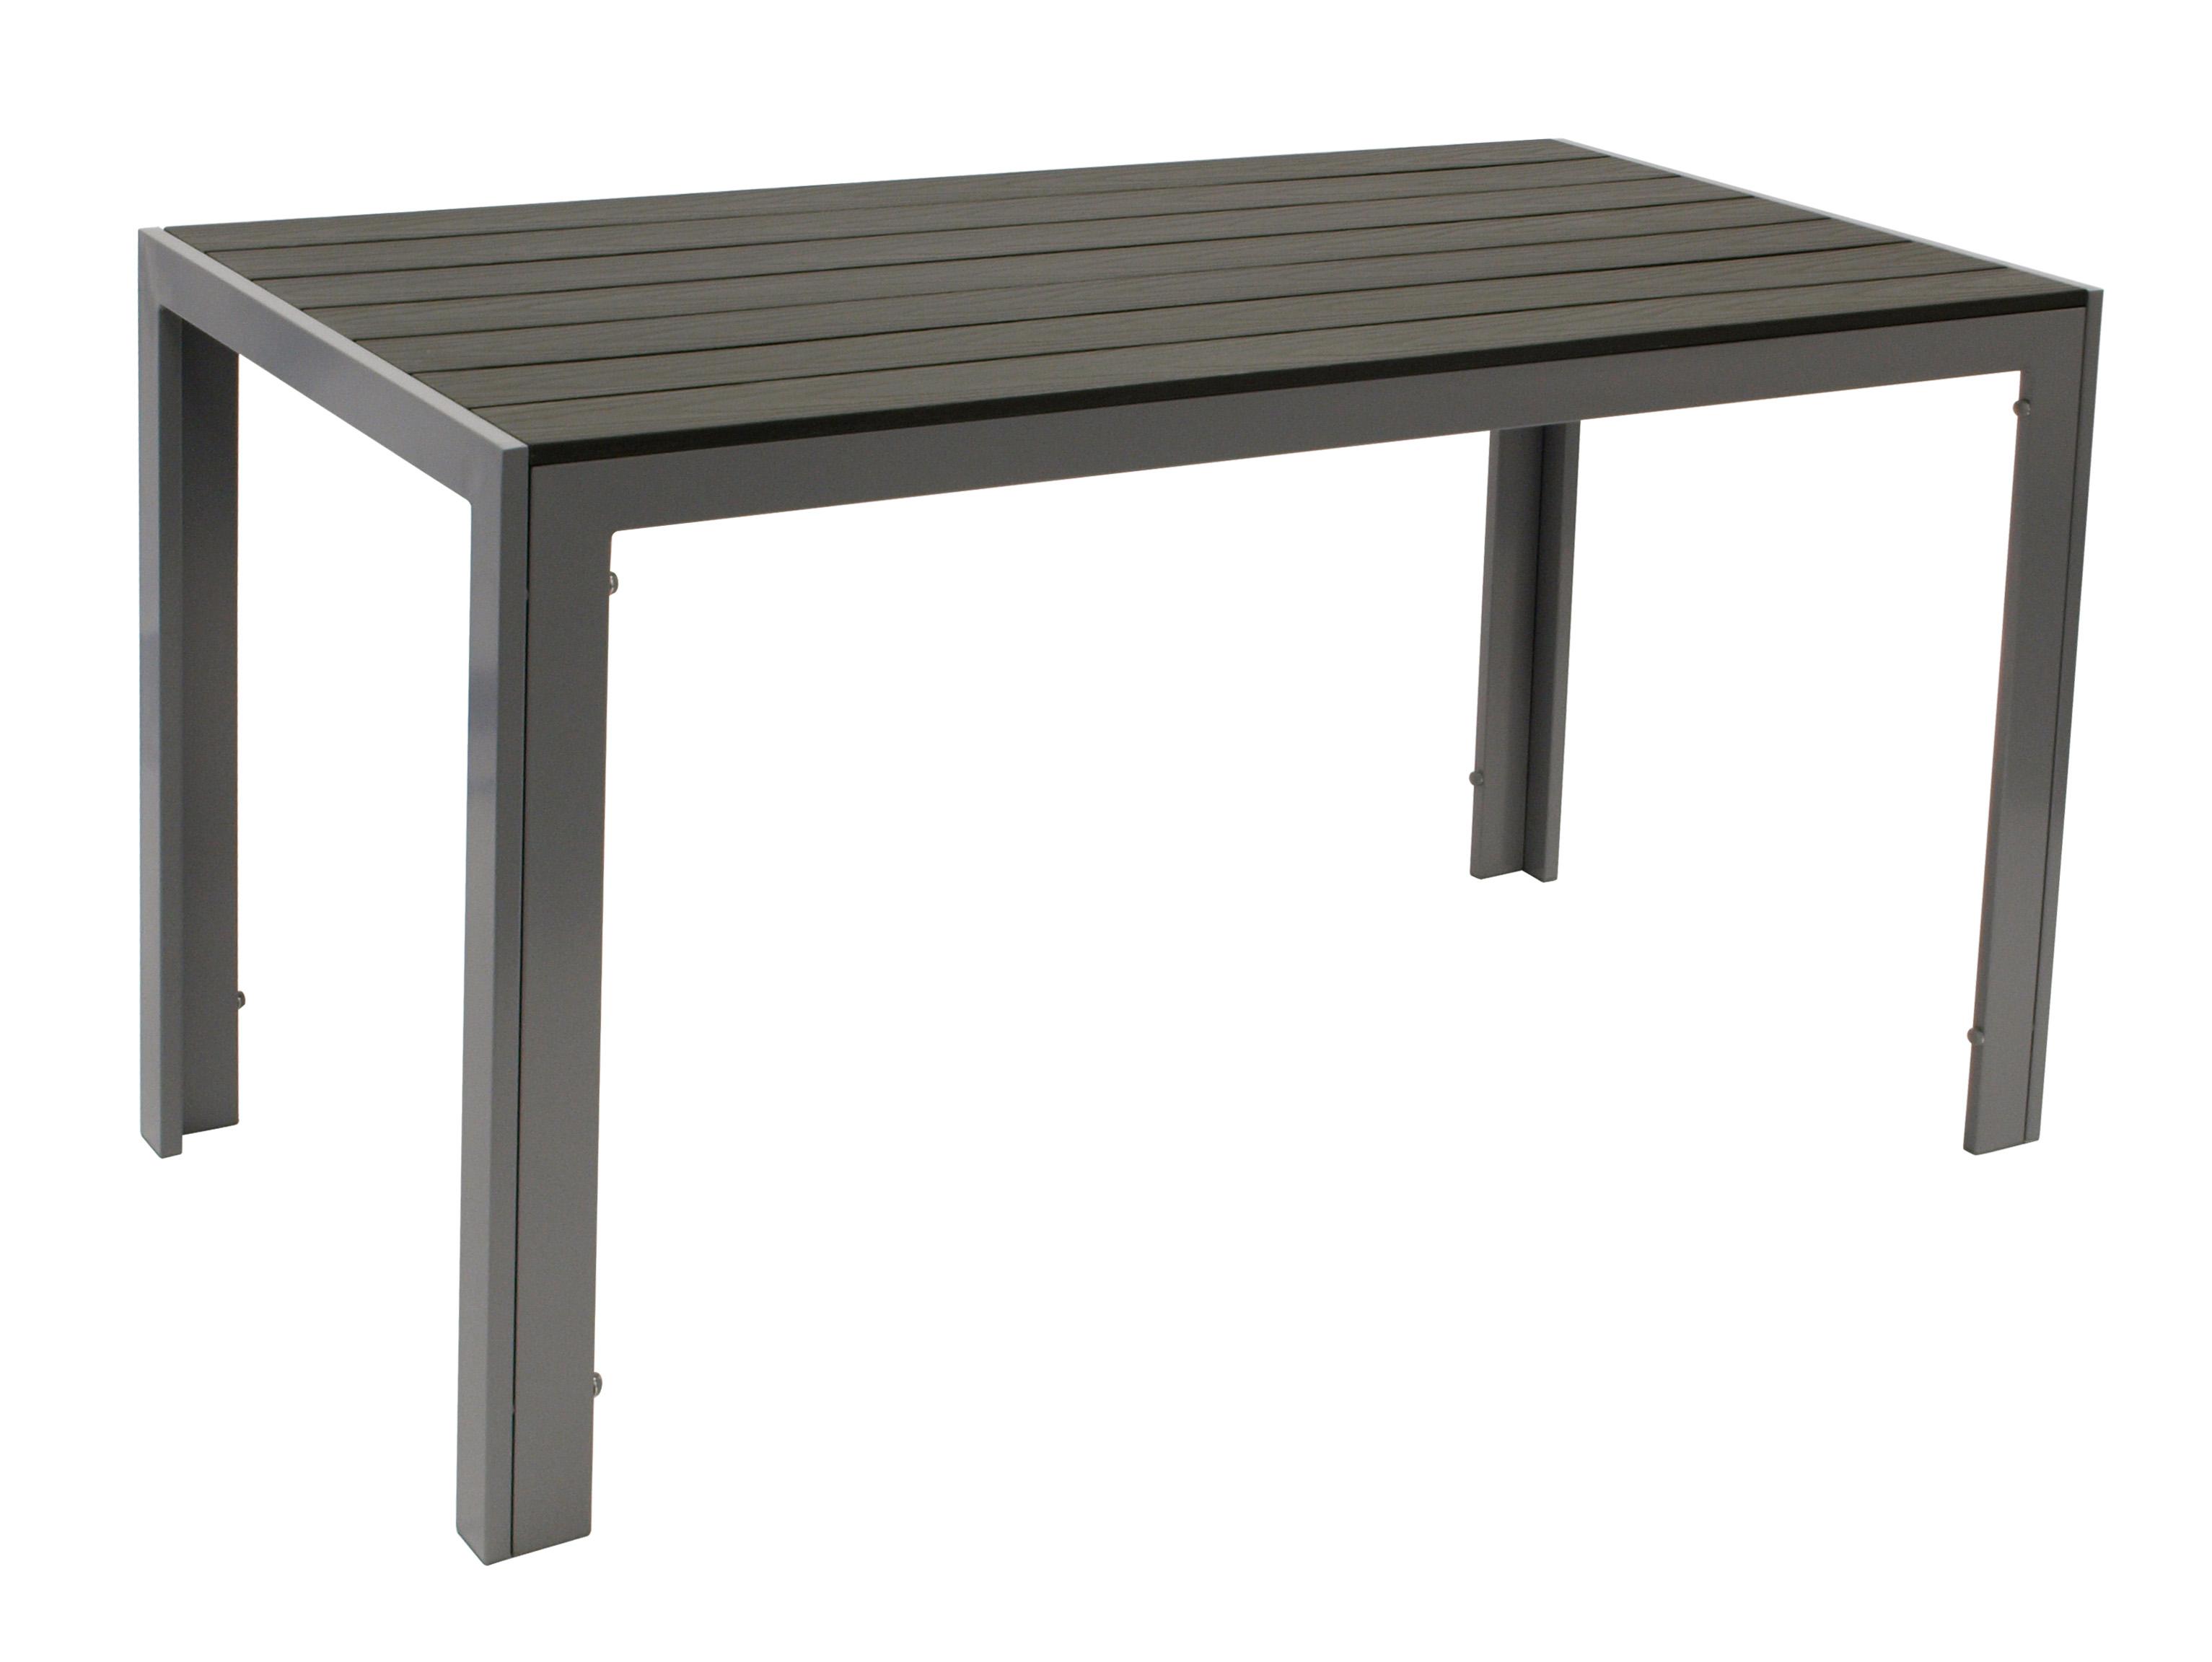 Tisch SORANO 125x70cm, Alu + Polywood grau